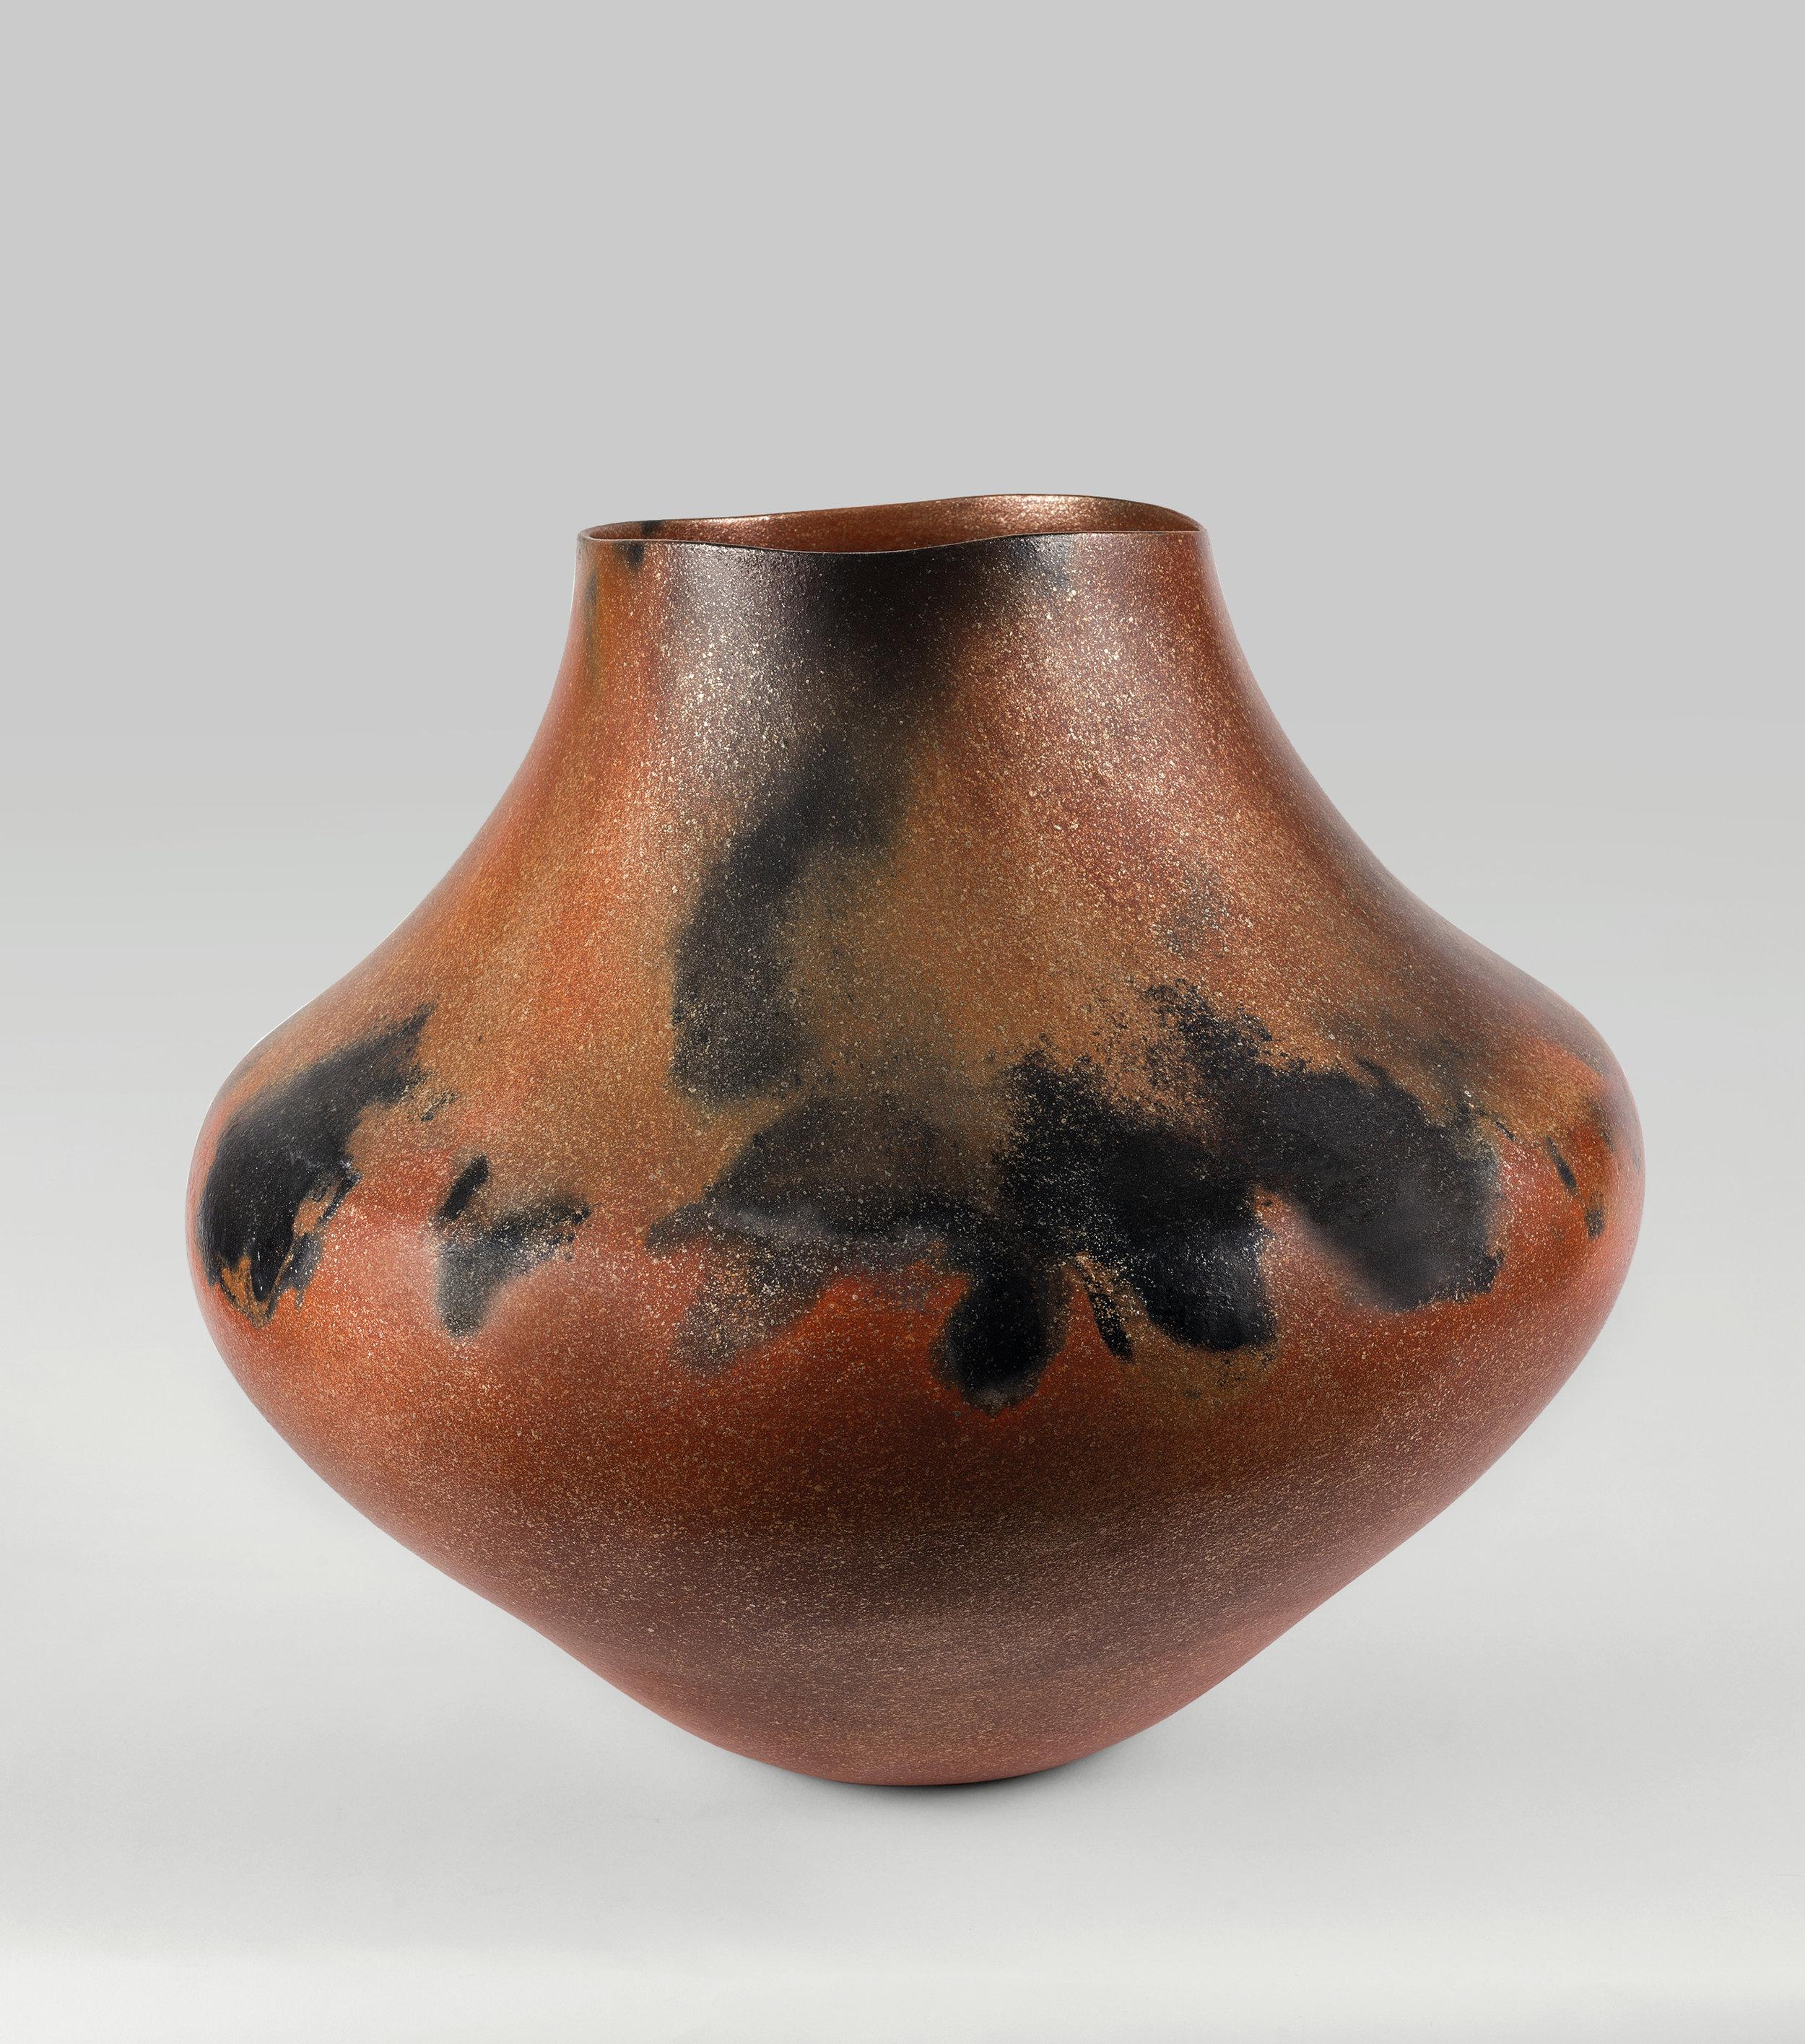 Lonnie Vigil, Nanbe Owingeh [Nambé O-ween-gé or Nambé Pueblo], Storage Jar, 2002. Micaceous ceramic. Claire A. Warden photograph